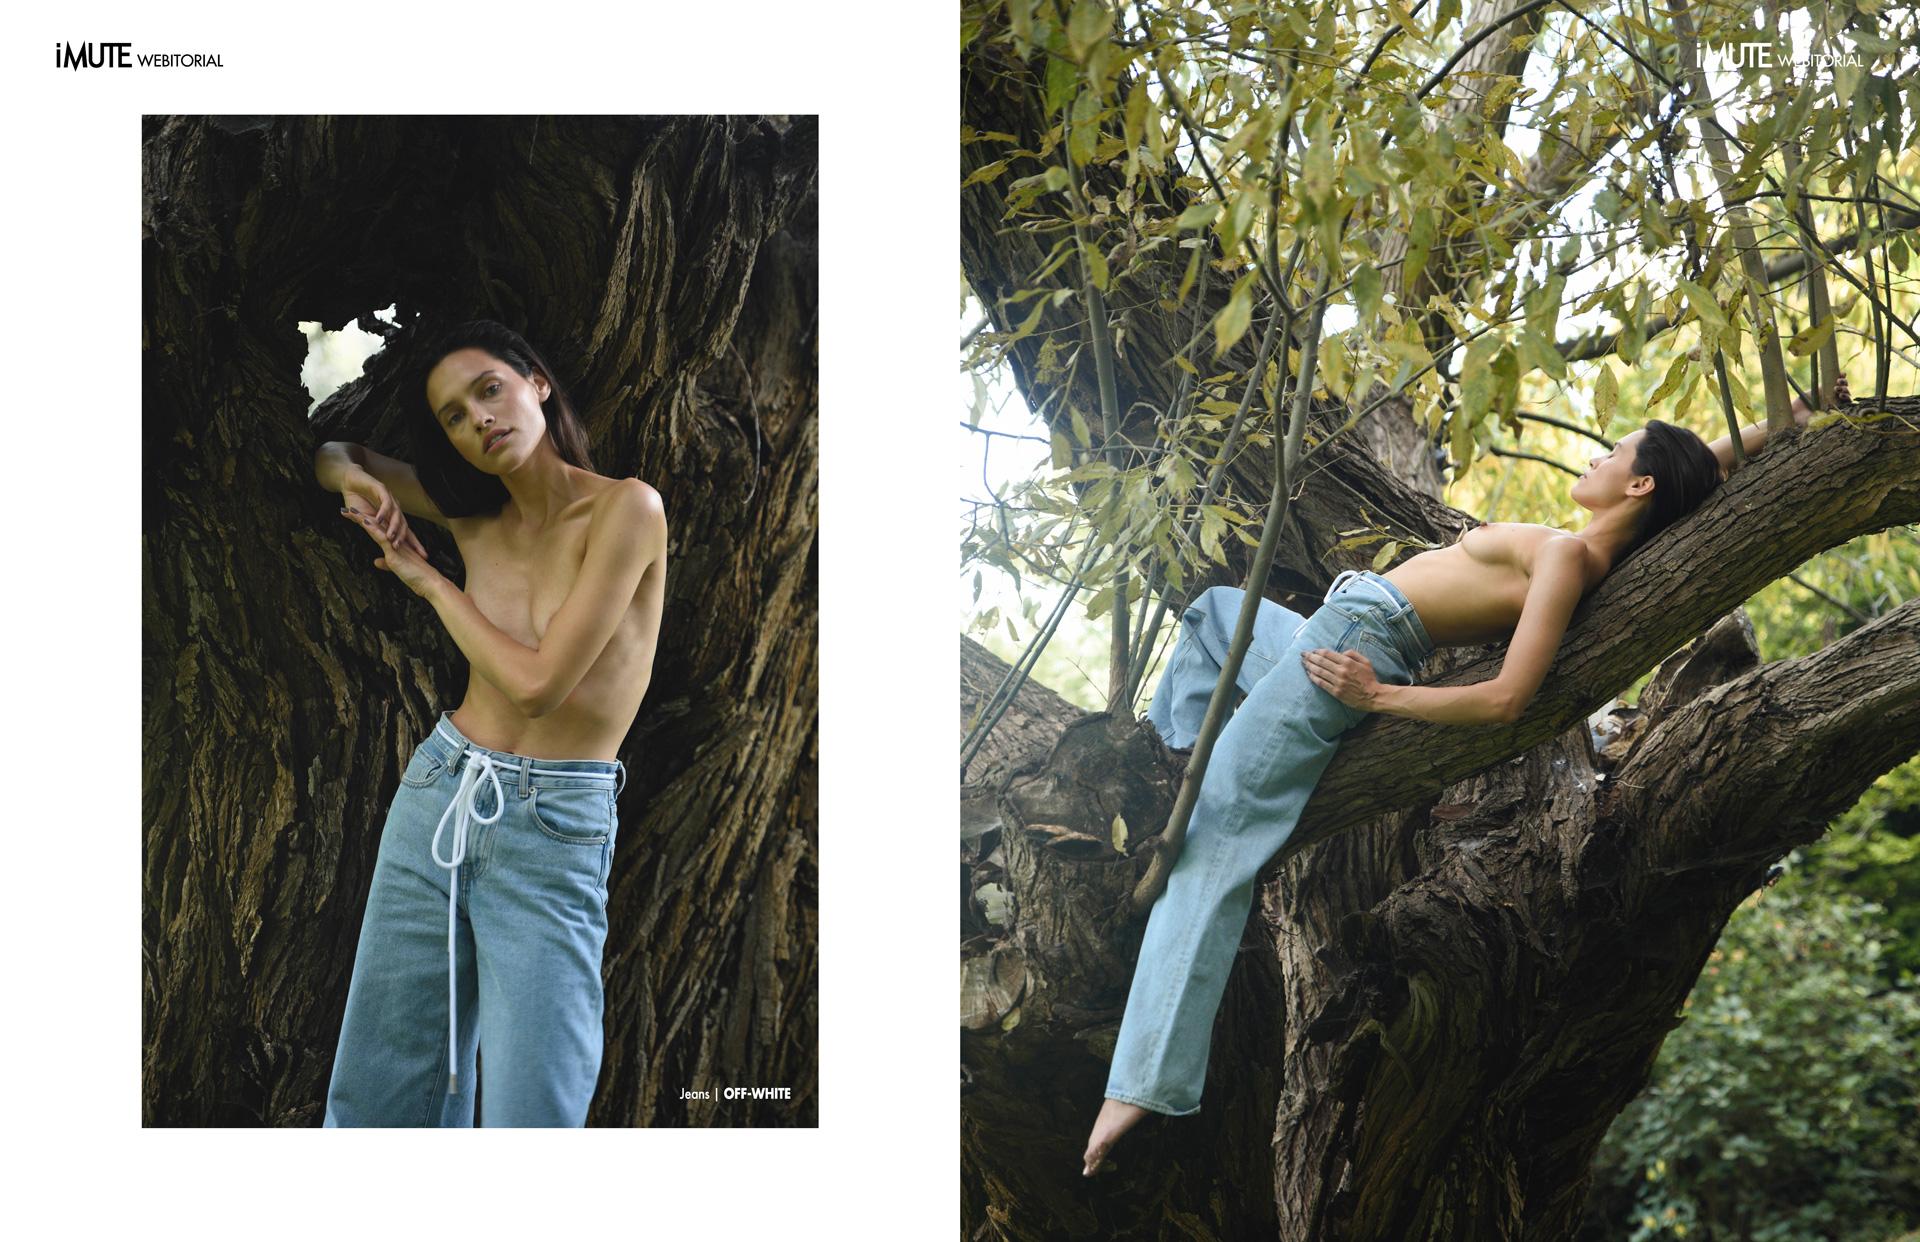 Hanna webitorial for iMute Magazine Photographer|Dorota Porębska Model| Hanna Juzon @Elite Model Management